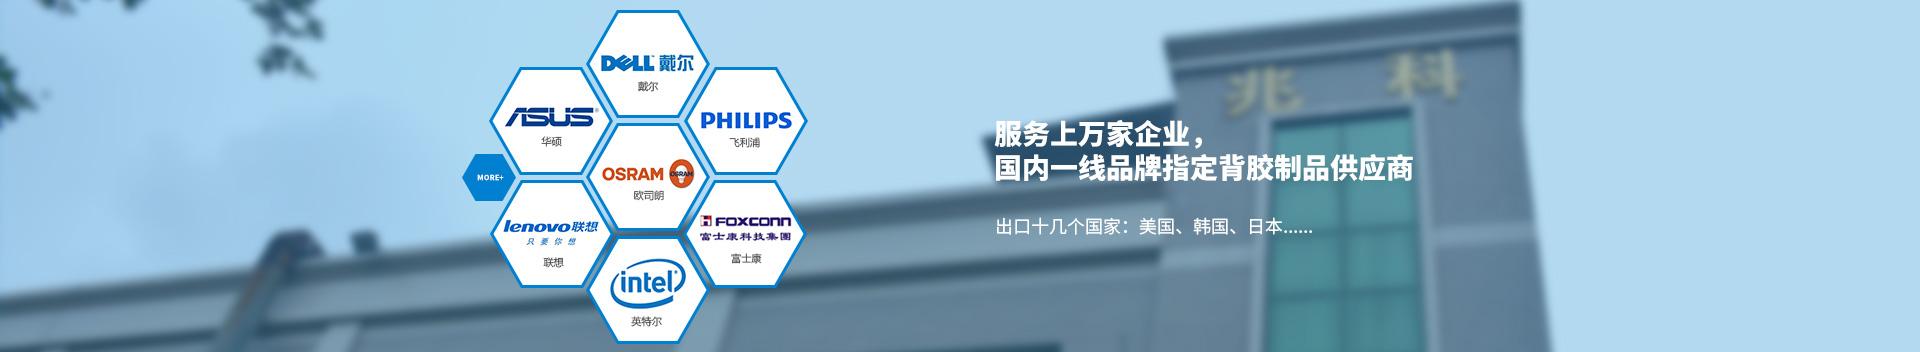 兆科电子服务上万家企业 国内一线品牌指定背胶制品供应商